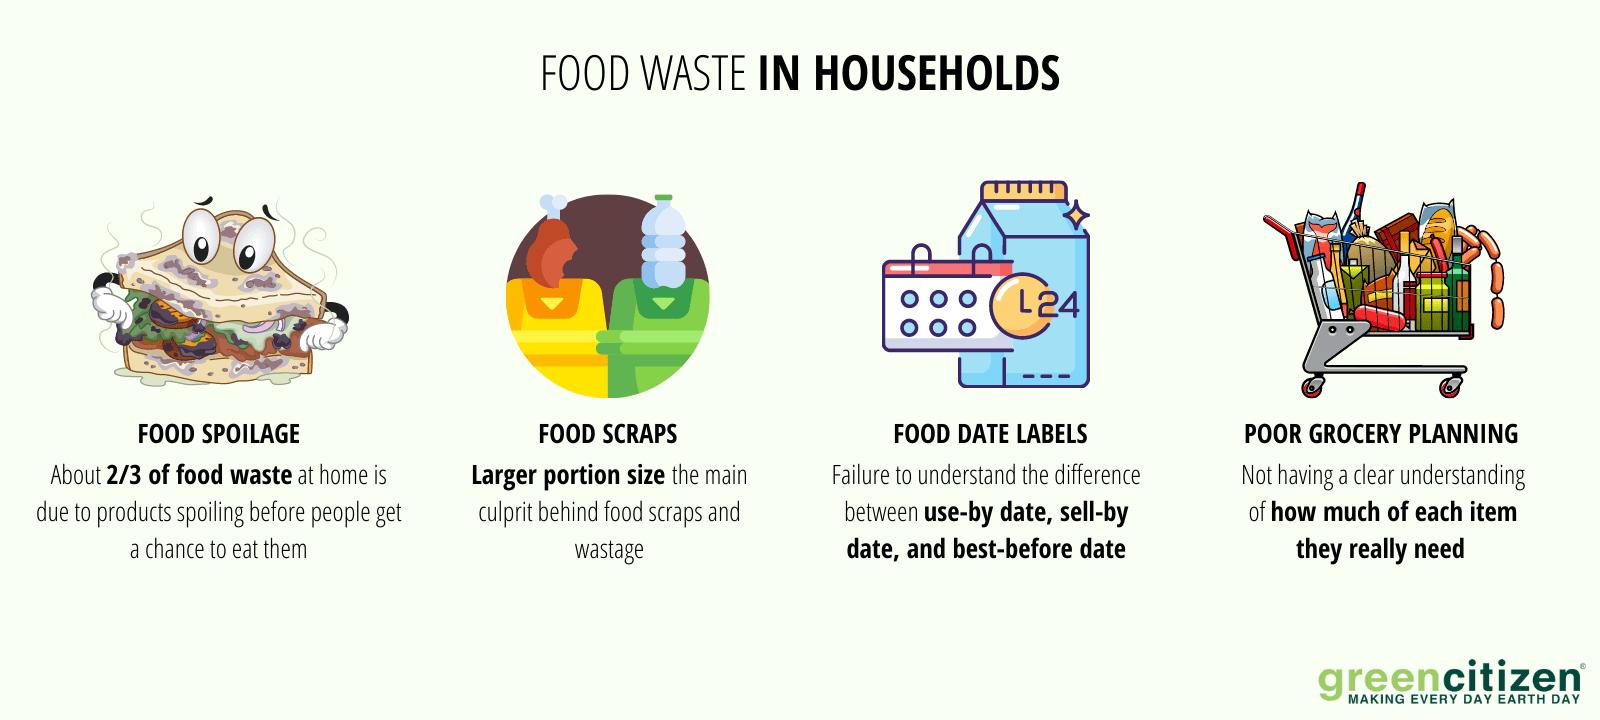 food waste in households